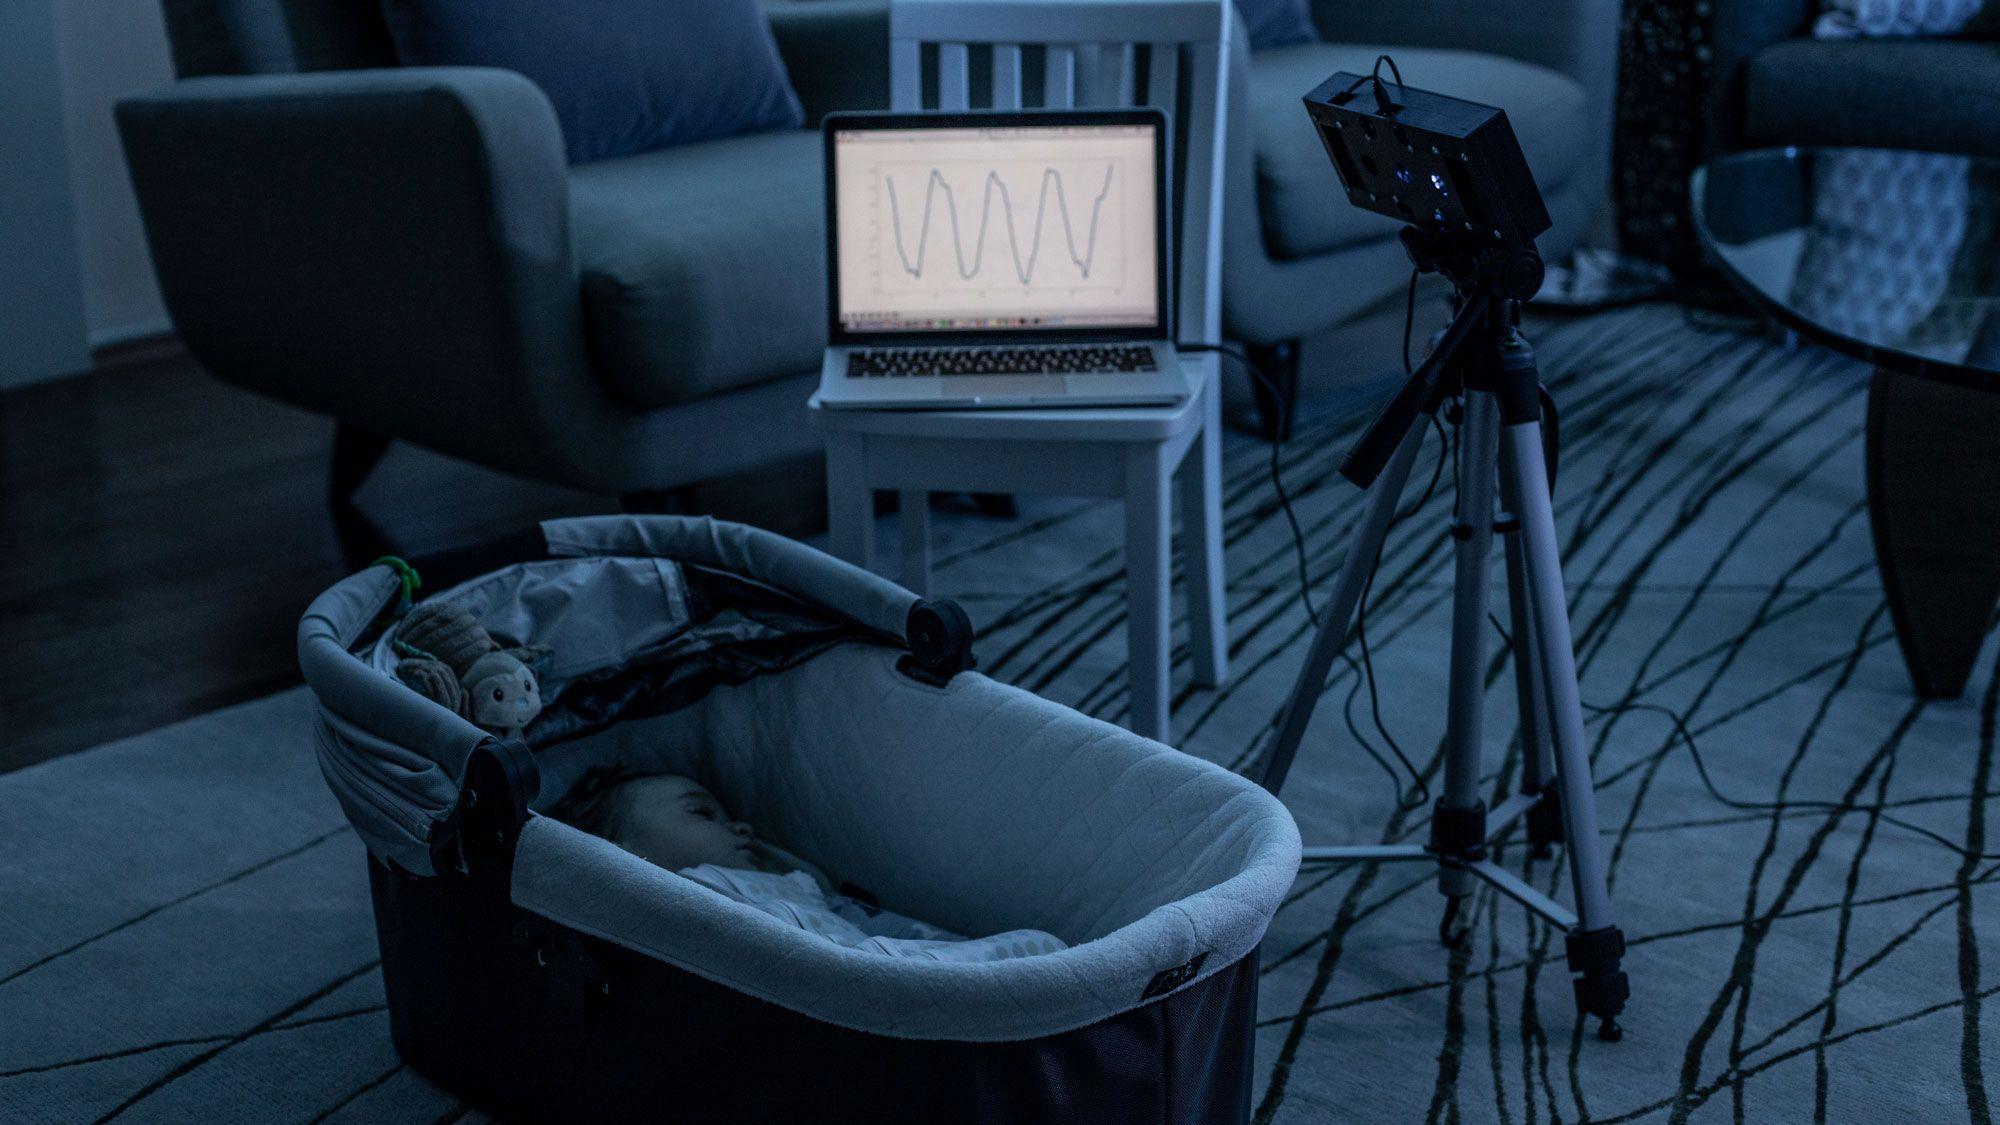 「アレクサ、赤ちゃんを見てて」ホワイトノイズで呼吸を監視